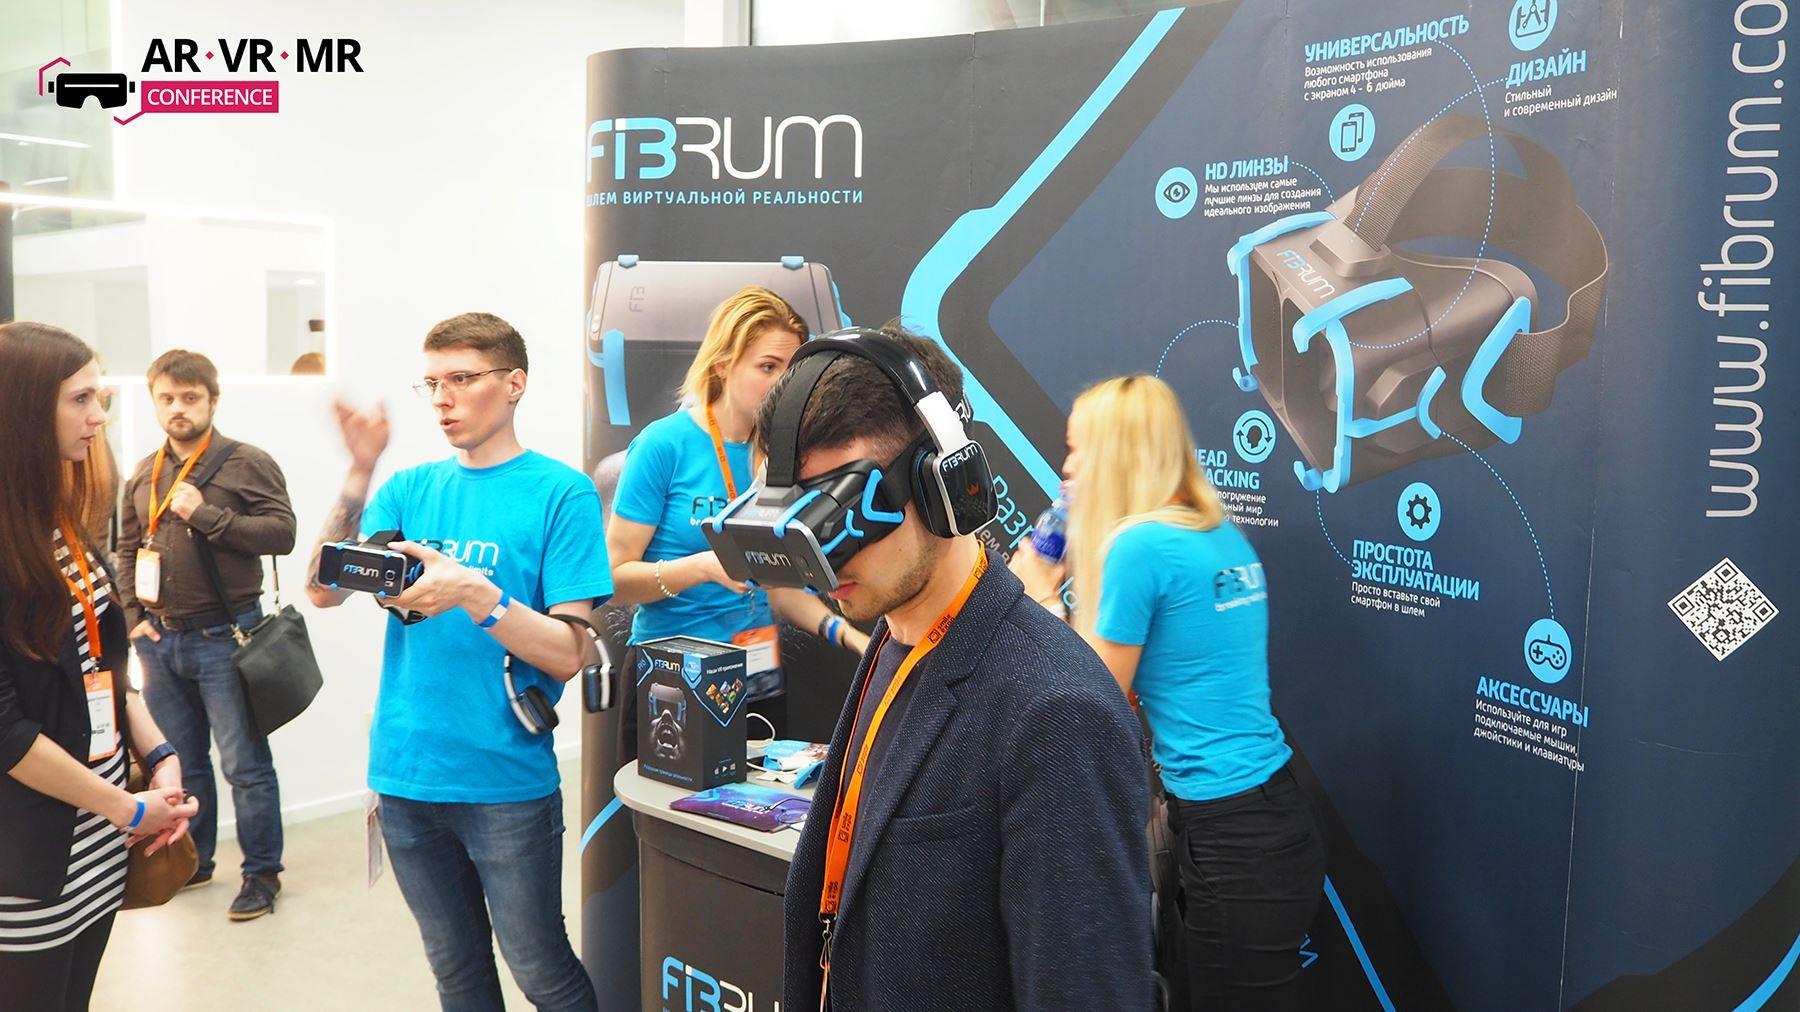 Демонстрация VR технологий